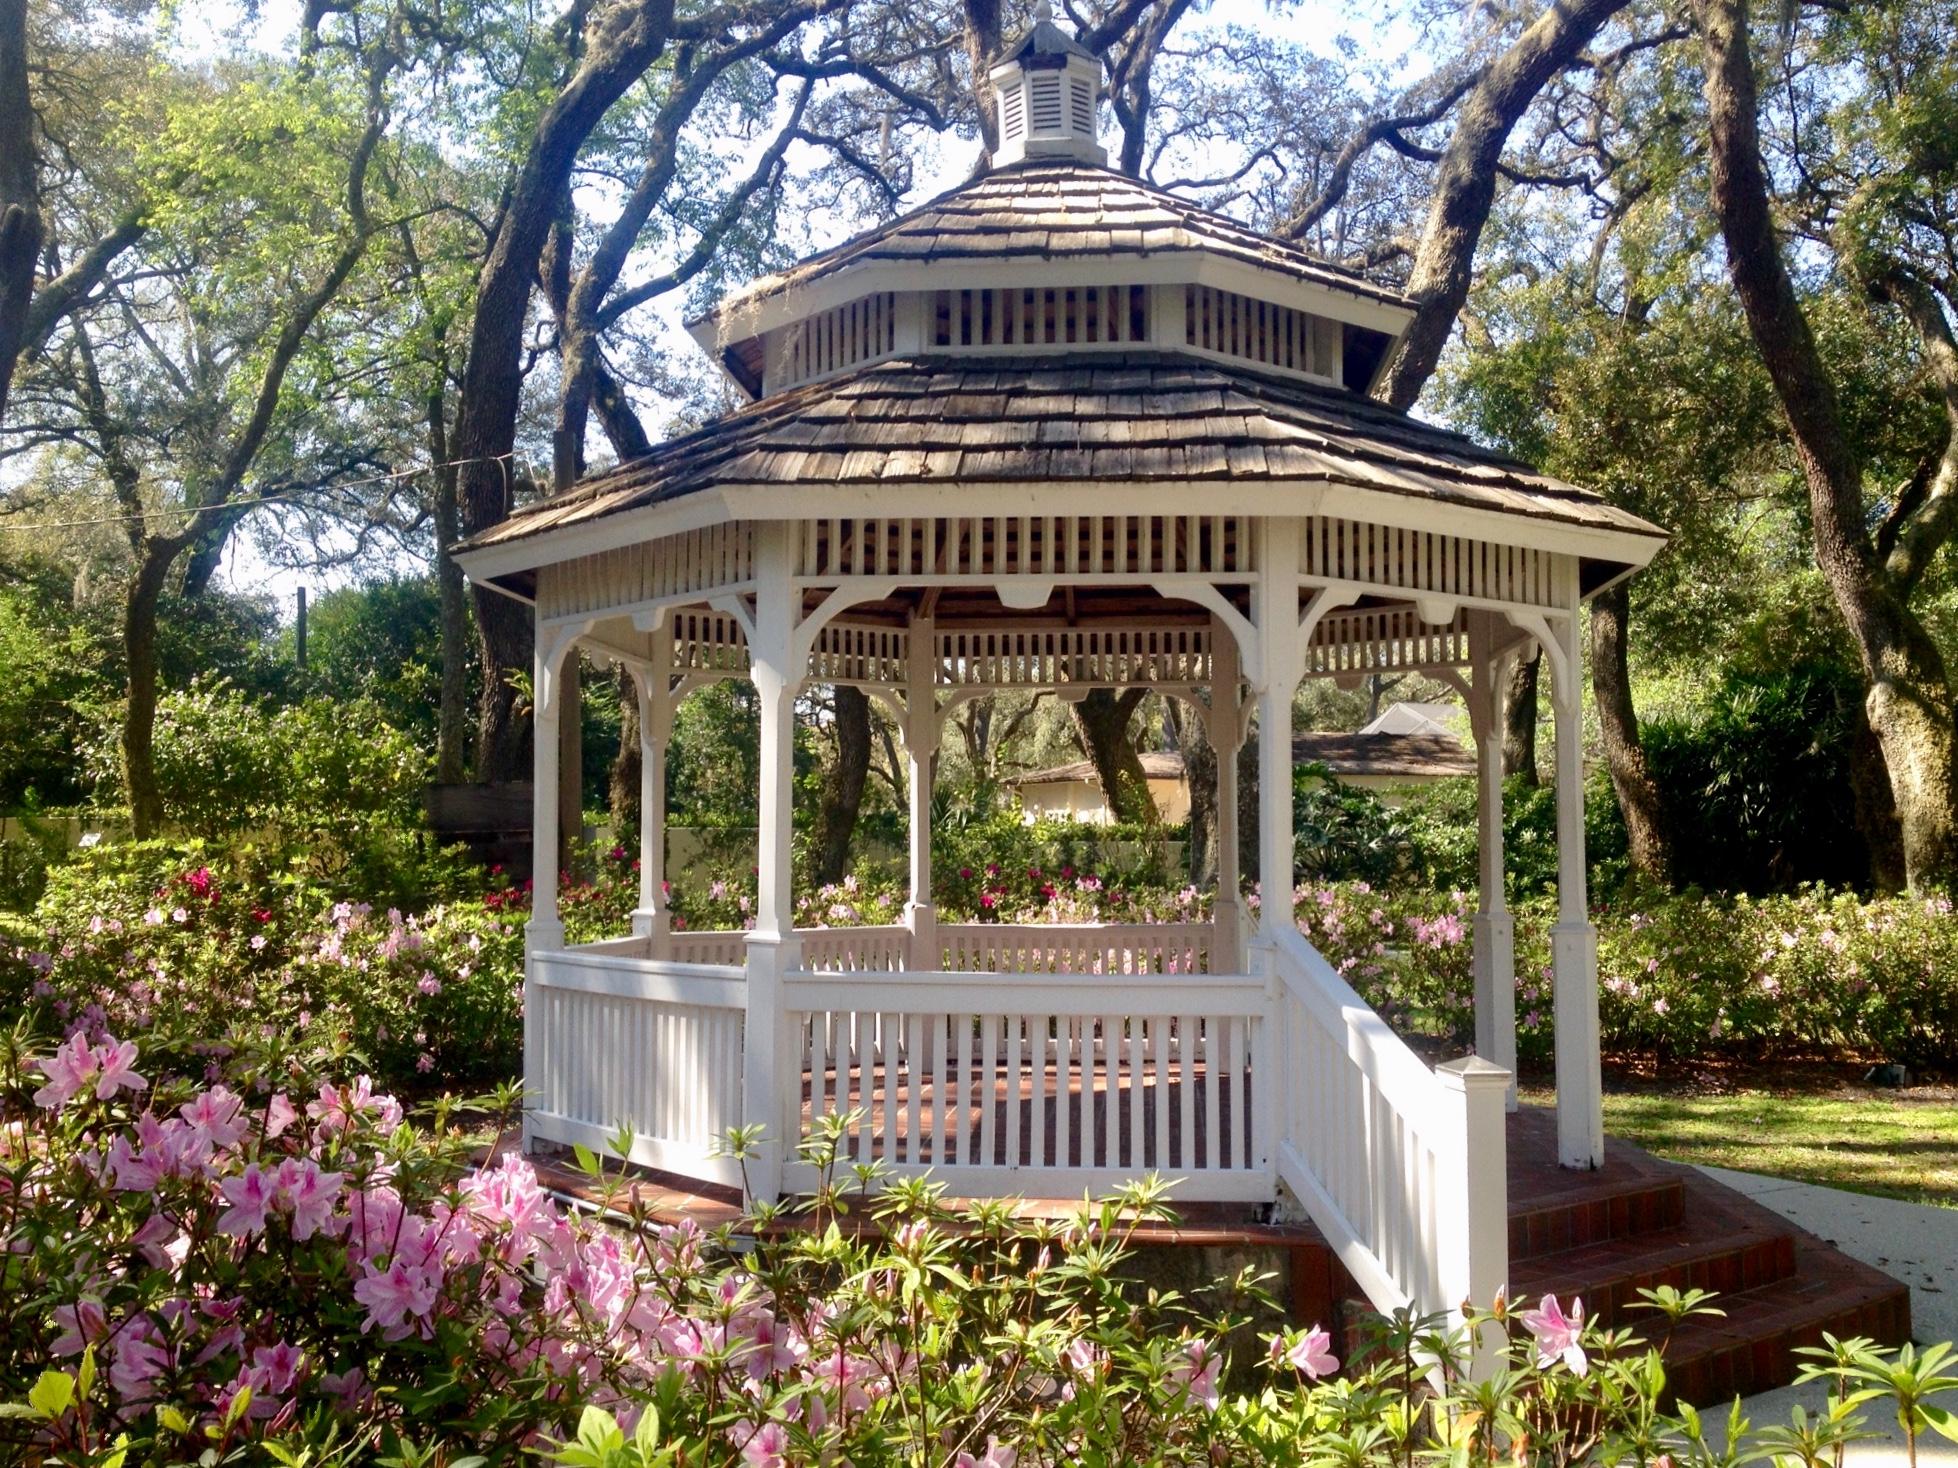 Temple Terrace Florida